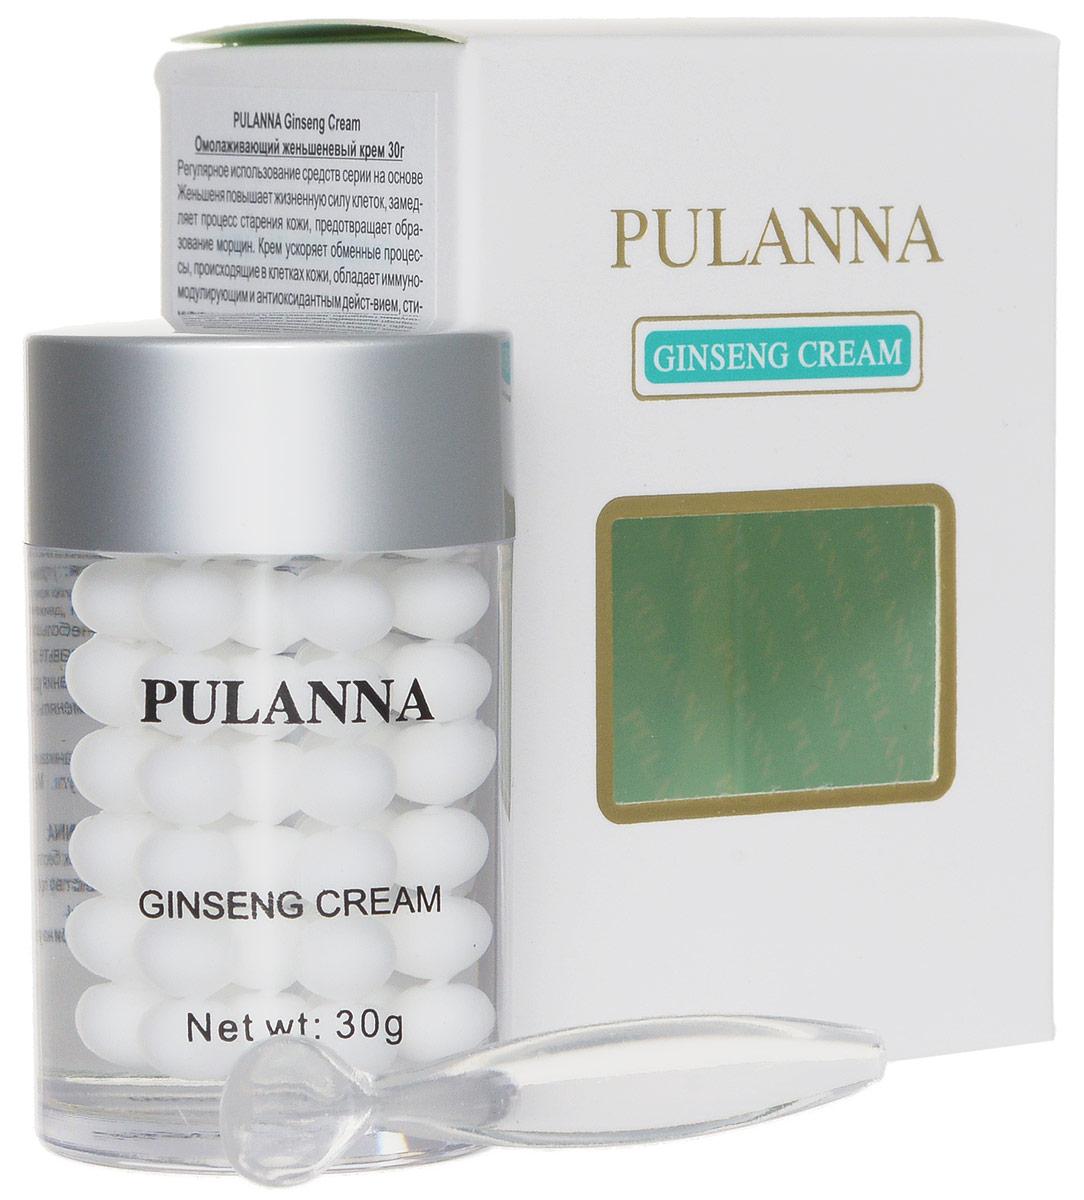 Pulanna Омолаживающий женьшеневый крем на основе женьшеня - Ginseng Cream 30 г5902596005085Крем ускоряет обменные процессы, происходящие в клетках кожи, обладает иммуномодулирующим и антиоксидантным действием, стимулирует процессы клеточного метаболизма, оказывает бактерицидное действие, выравнивает кожный рельеф. Питает, увлажняет, тонизирует. Усиливает сопротивляемость кожи к неблагоприятному воздействию окружающей среды, стимулирует регенерацию кожи, снабжает питательными и увлажняющими элементами. При регулярном использовнии улучшается цвет лица, сглаживаются морщинки, мимические линии и заломы. Универсальное средство: подходит для области век, лица и шеи! Для всех типов кожи с 40 - 45 лет.